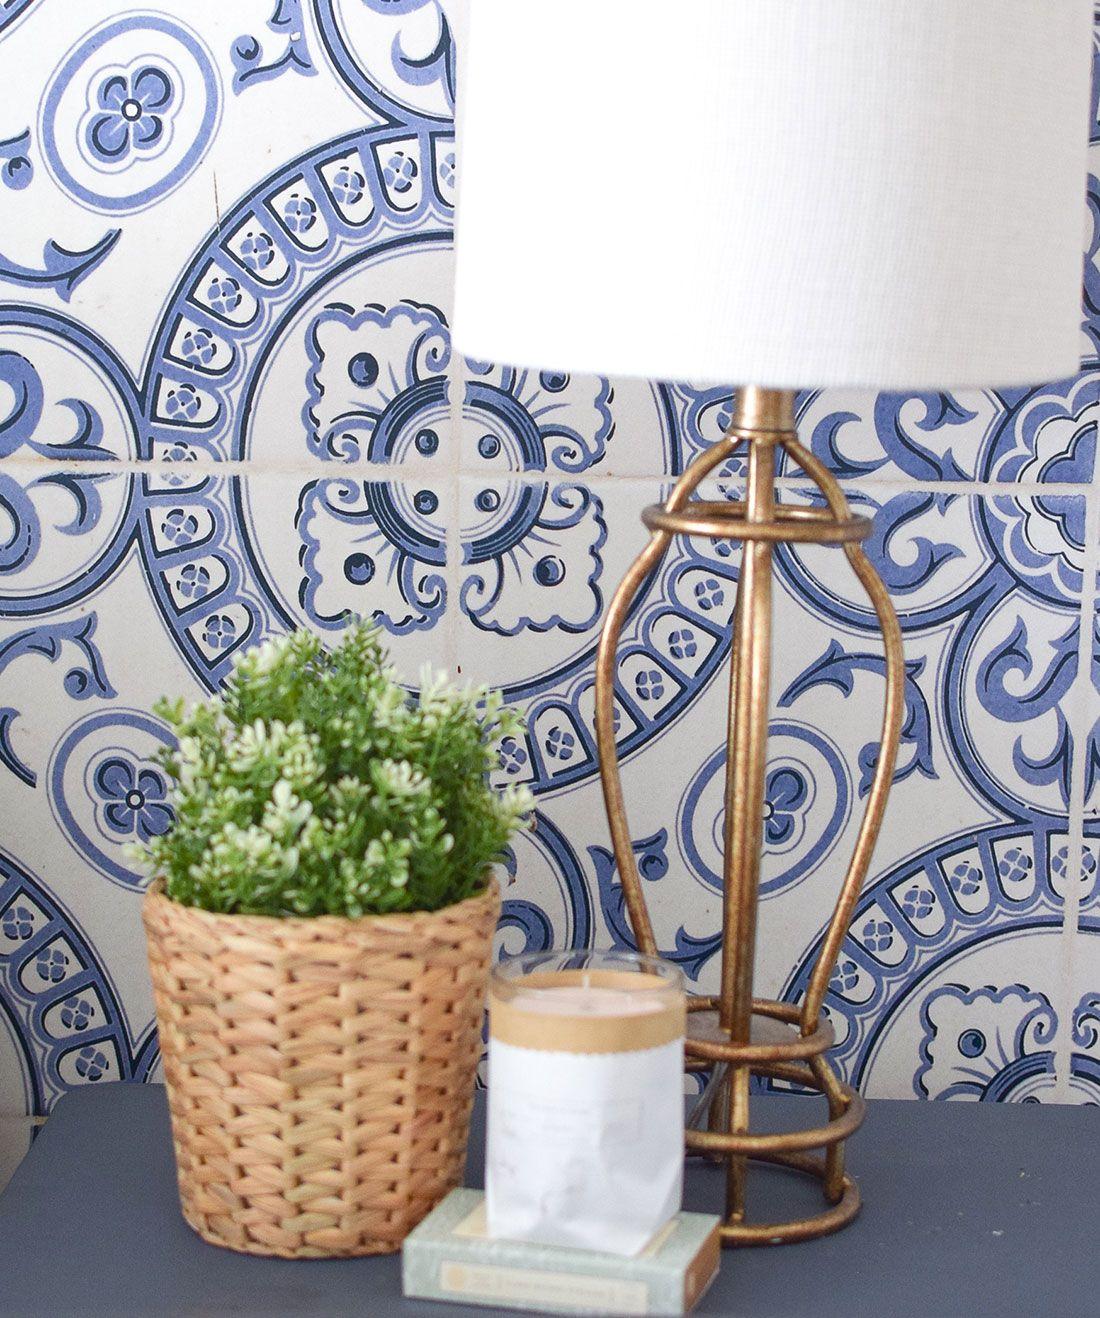 Heritage Tiles Wallpaper Authentic Cement Tile Design Milton King Aus Tile Wallpaper Tile Design Wallpaper